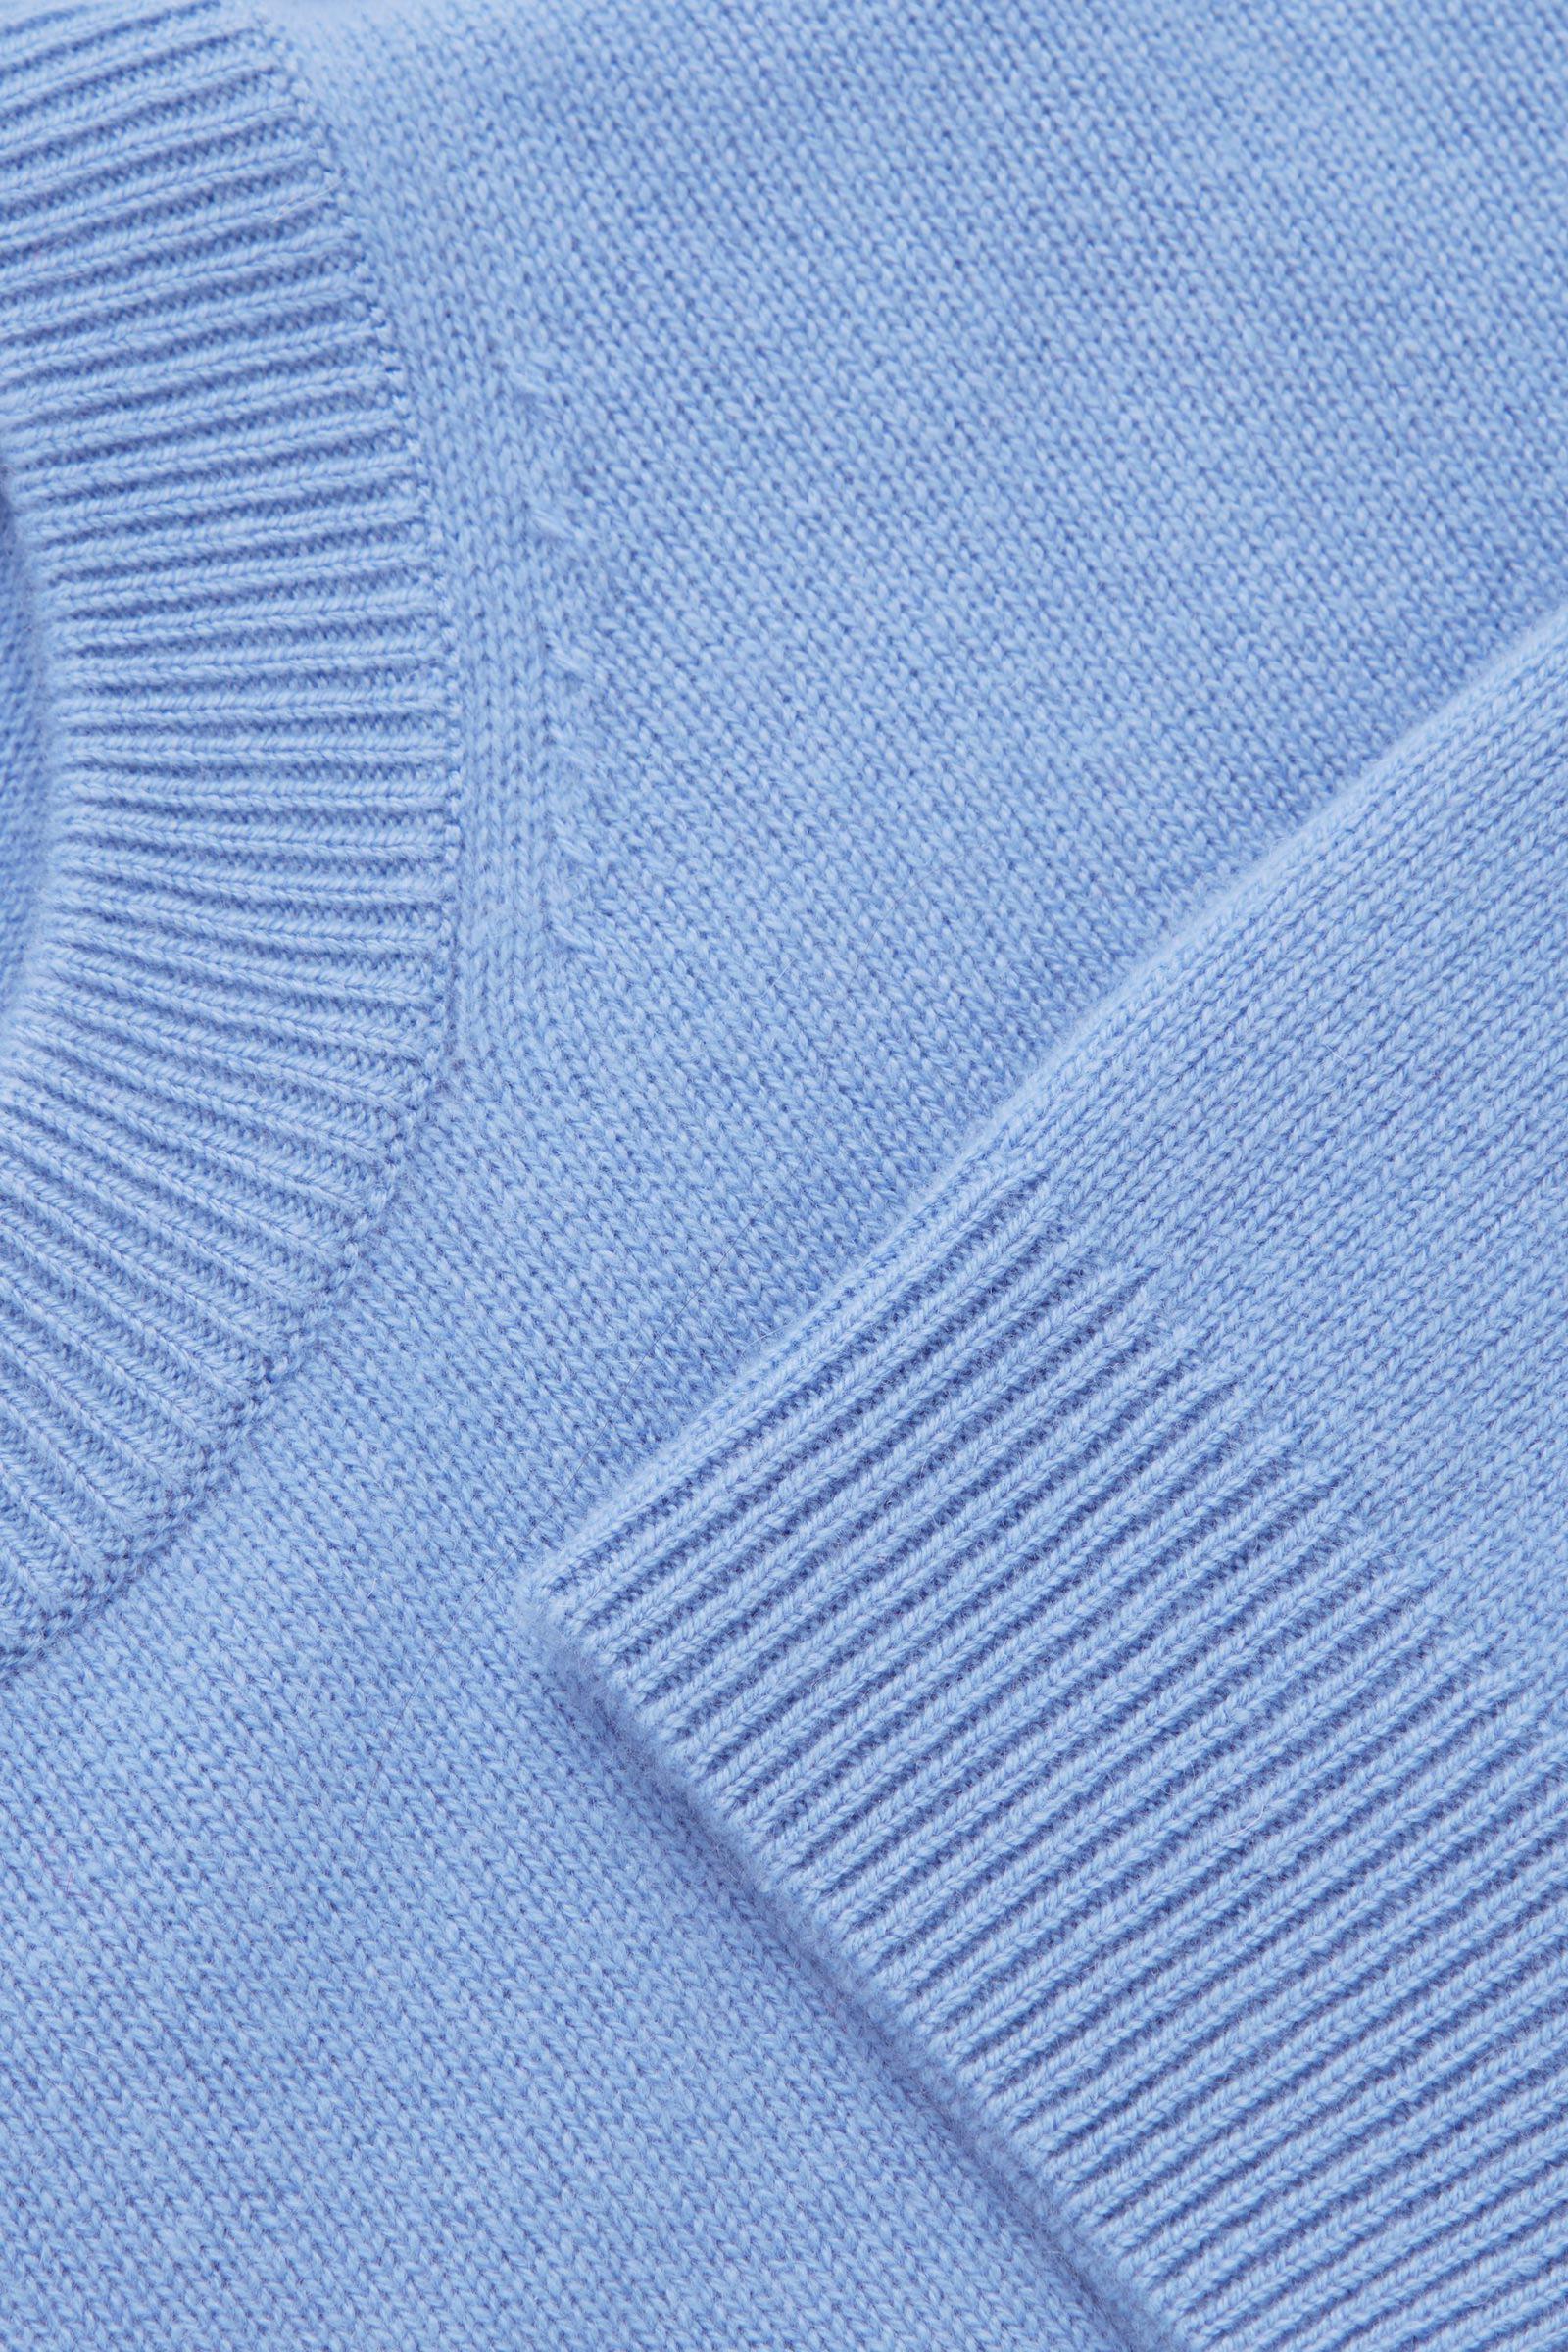 COS 캐시미어 오버사이즈 스웨터의 블루컬러 Detail입니다.